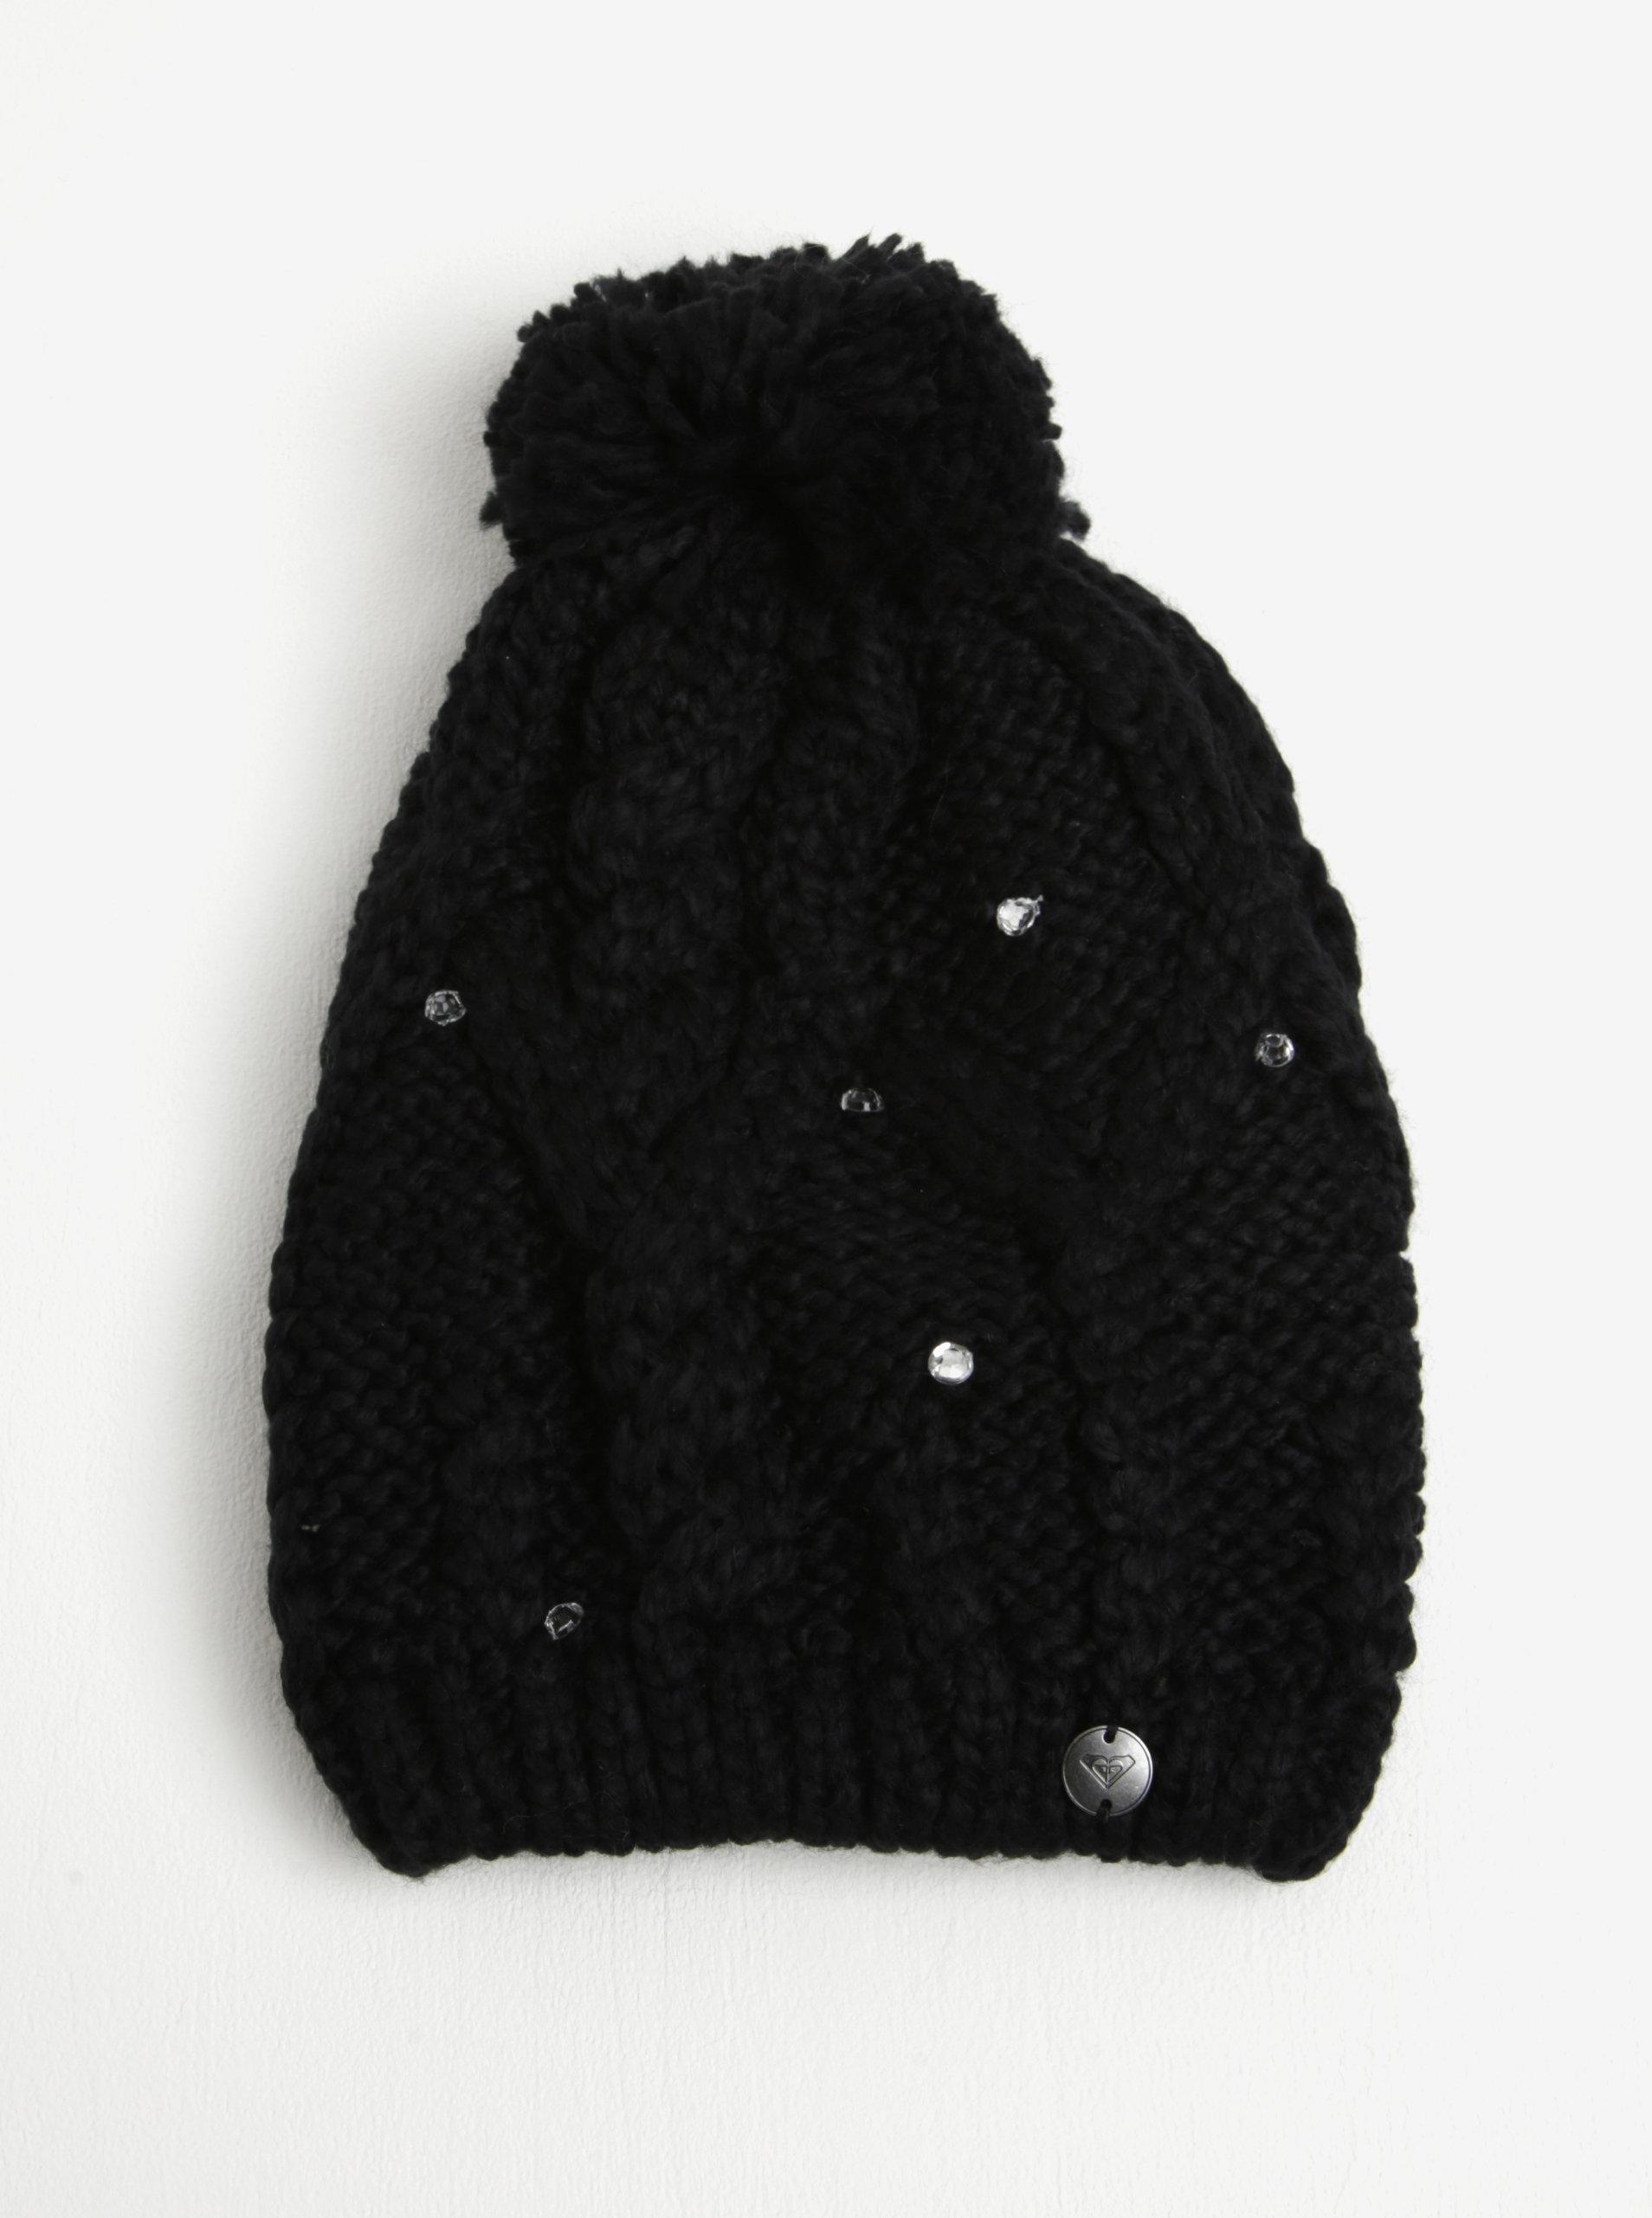 Černá dámská pletená čepice s kamínky Roxy Shoot Star ... 19166ac322